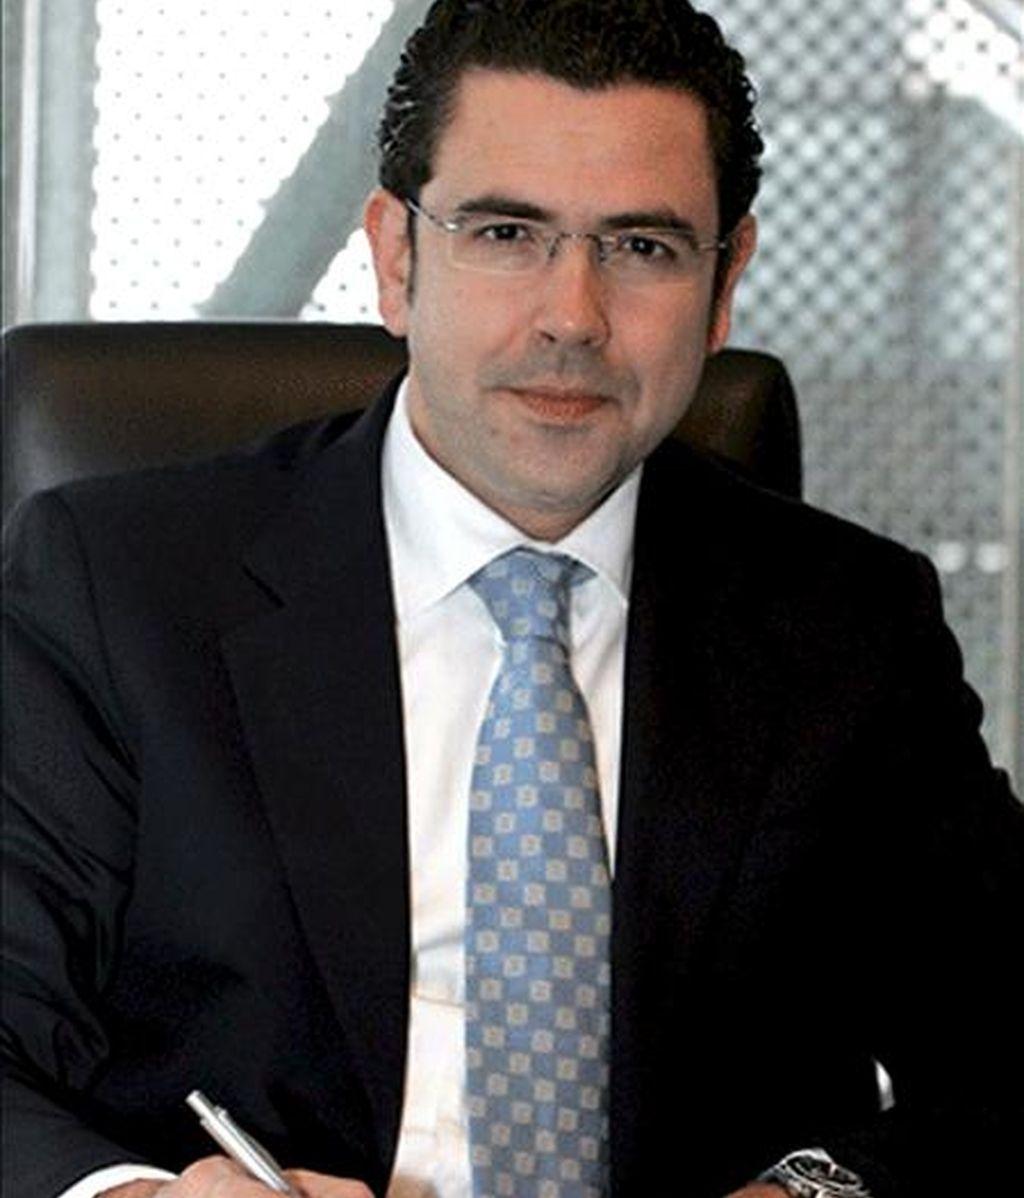 El supuesto instigador del asesinato del director del Centro de Convenciones de Barcelona, Félix Martínez Touriño (en la imagen), pagó cerca de 18.000 euros para que un sicario matara a su jefe, cuando éste descubrió que su empleado se enriquecía ilegalmente a costa de la empresa pese a su alta remuneración. EFE/Archivo